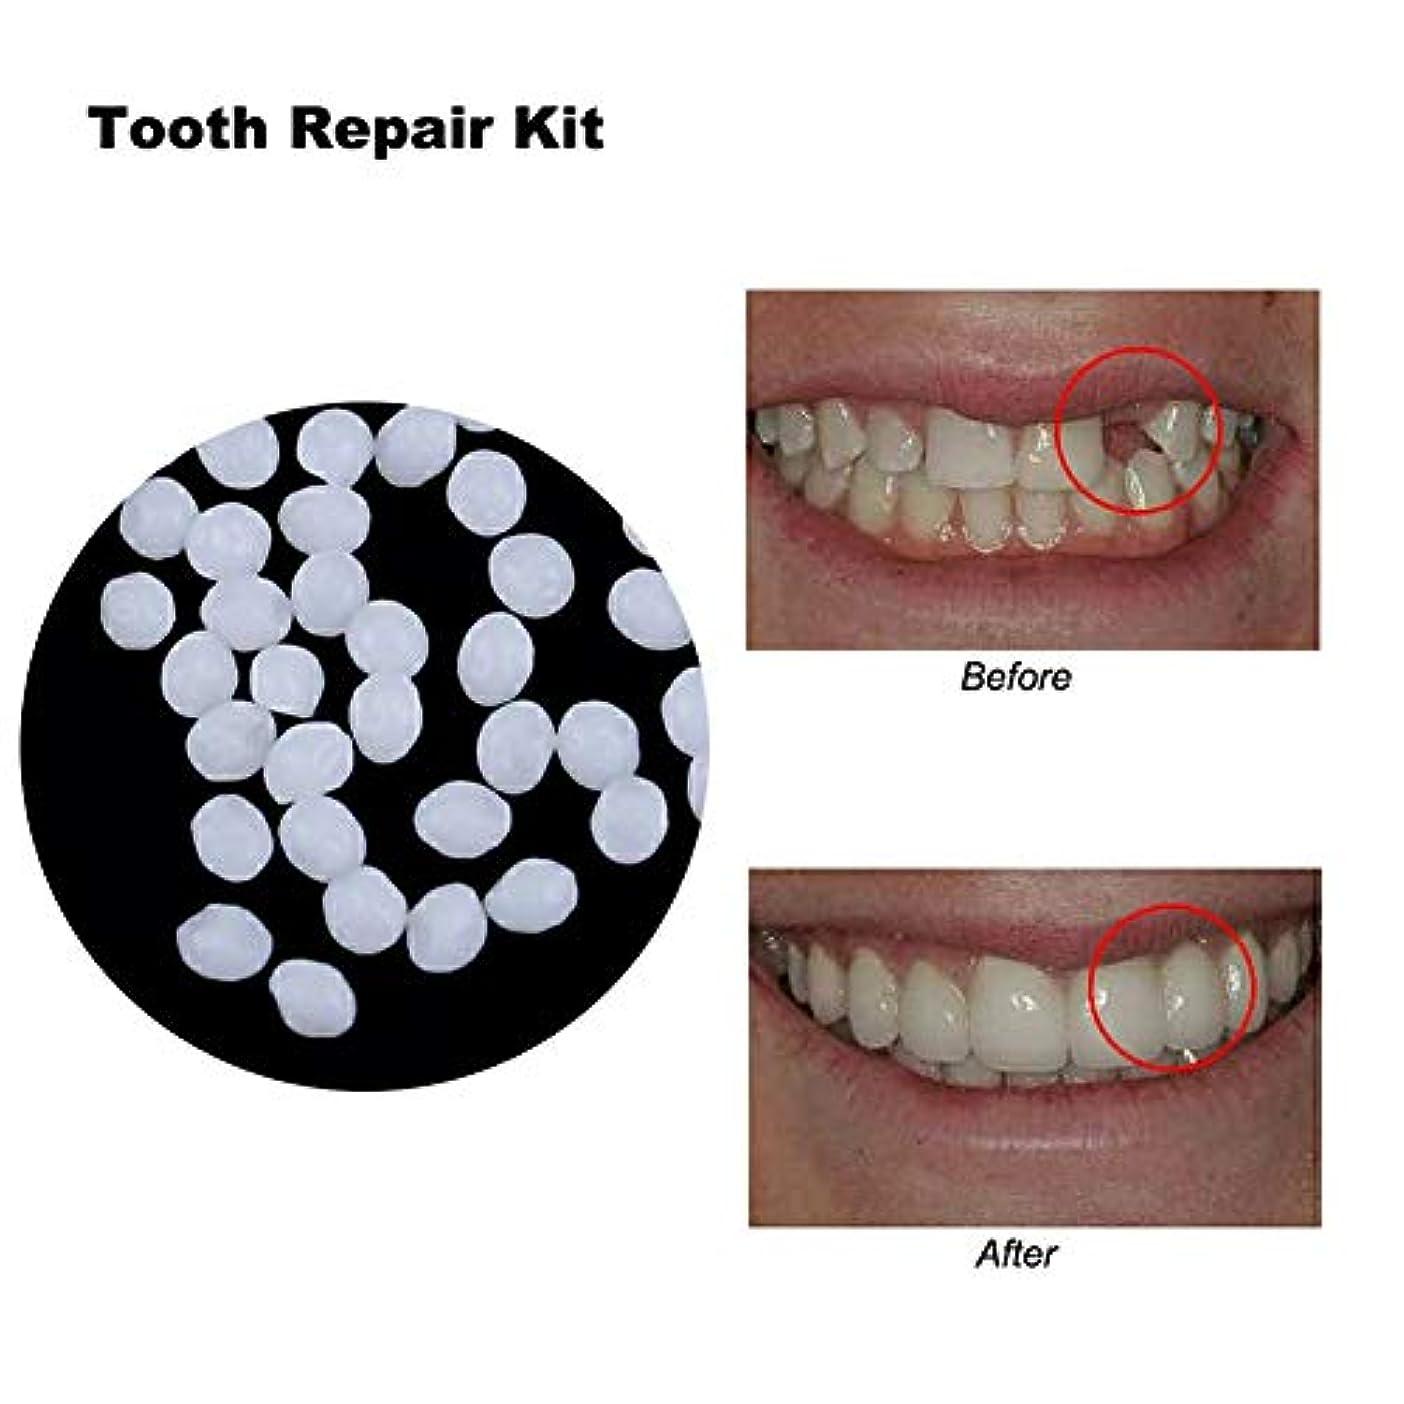 物理的な吸い込むエージェント偽歯固体接着剤、樹脂の歯とギャップのための一時的な化粧品の歯の修復キットクリエイティブ義歯接着剤,10ml14g